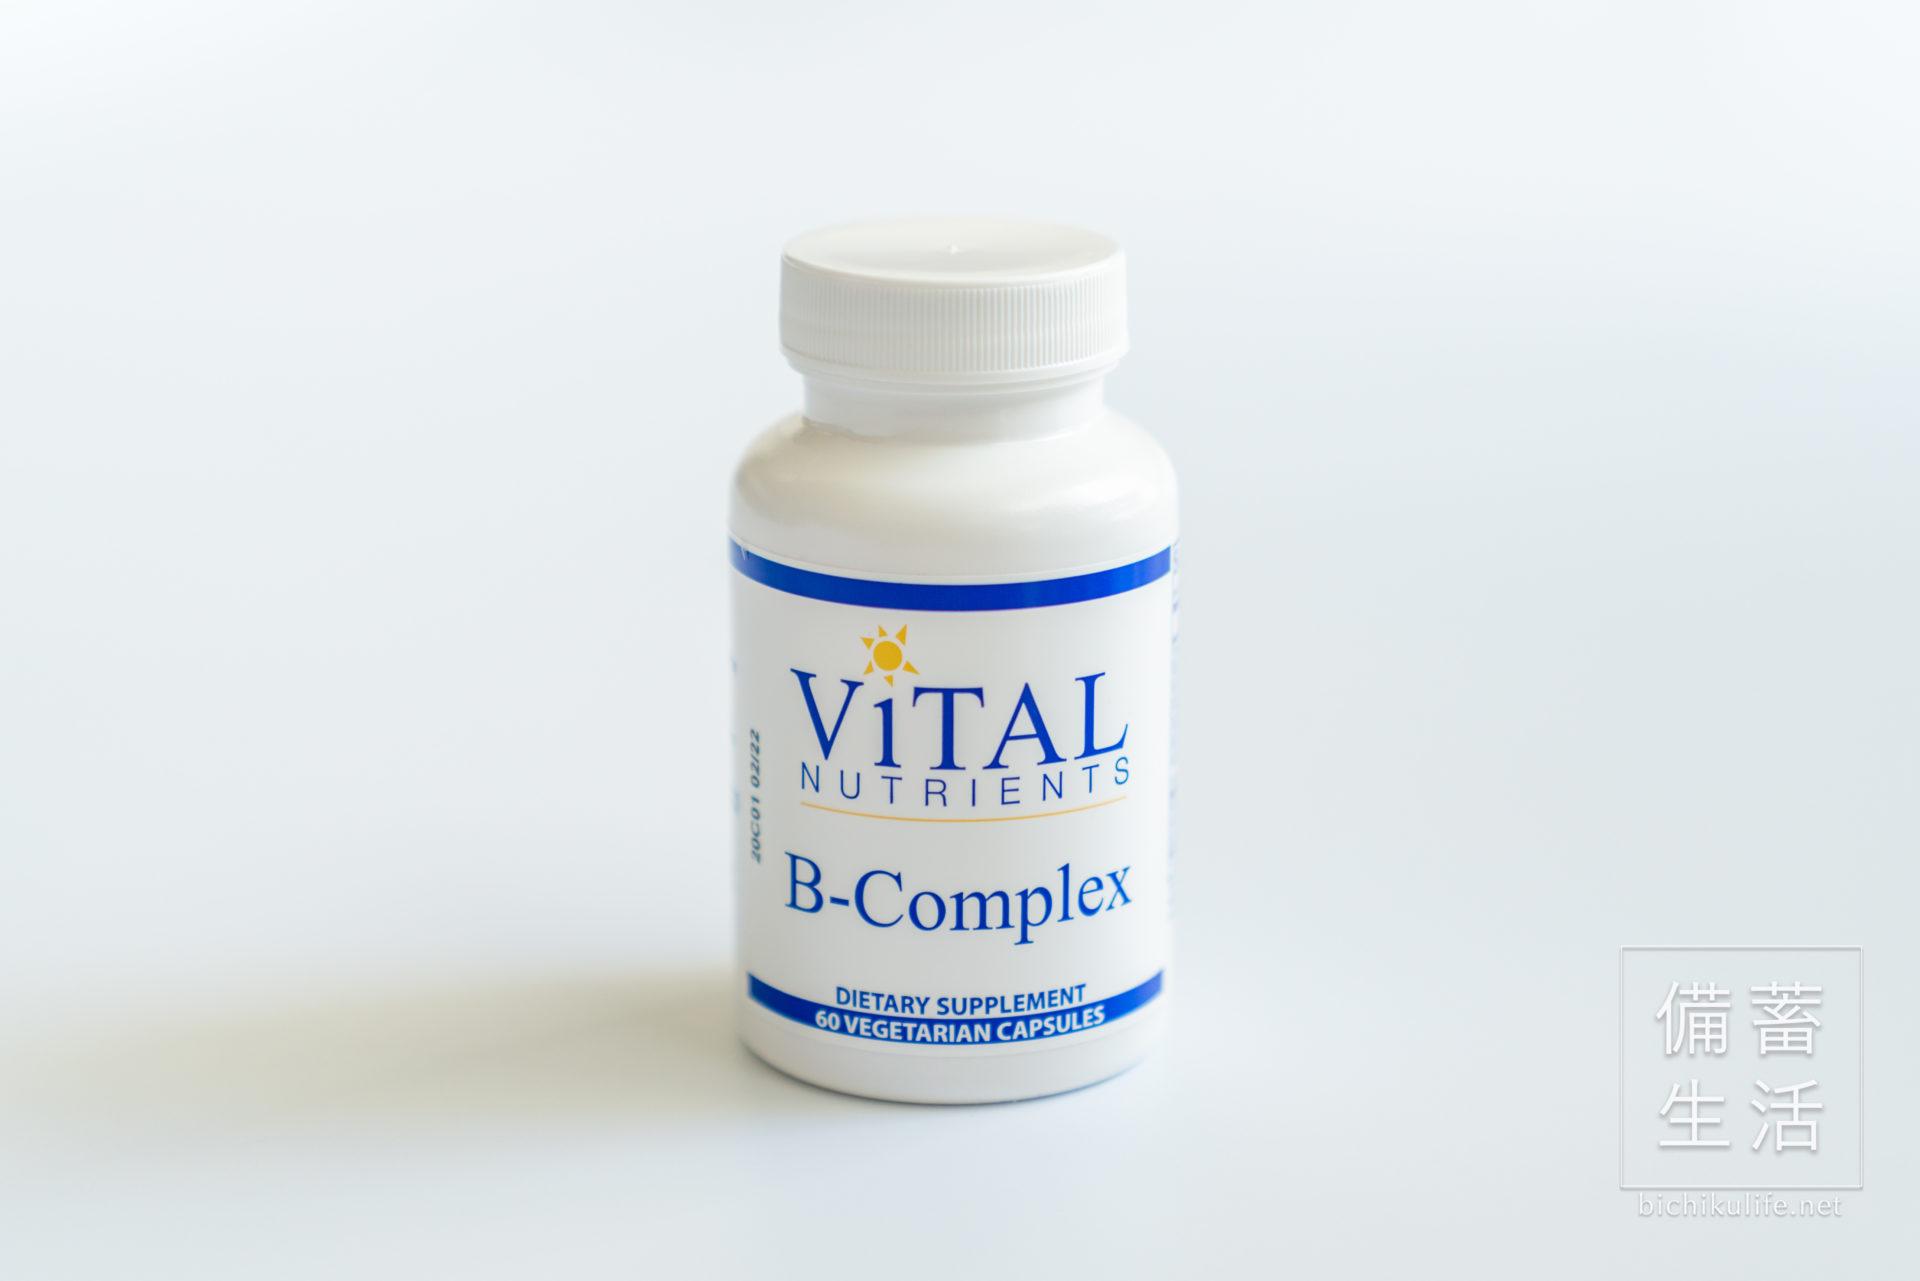 ヴァイタル ニュートリエンツ ビタミンB複合 Vital Nutrients B-Complex